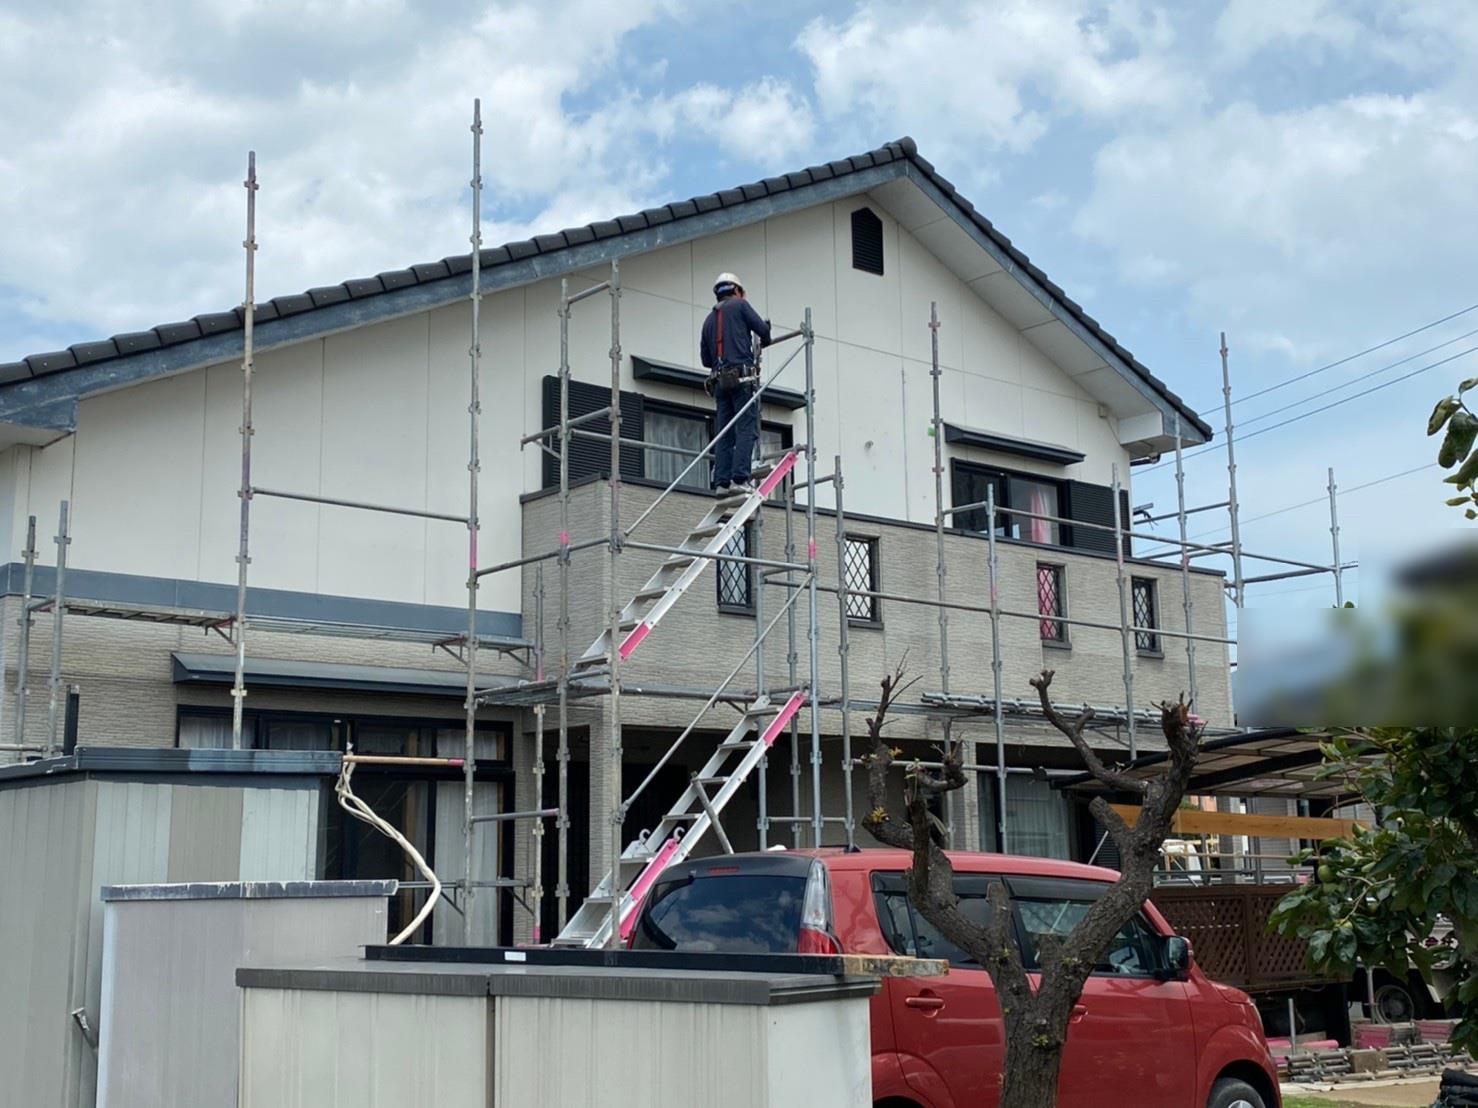 八幡西区 S様邸 足場設置工事 を行いました!